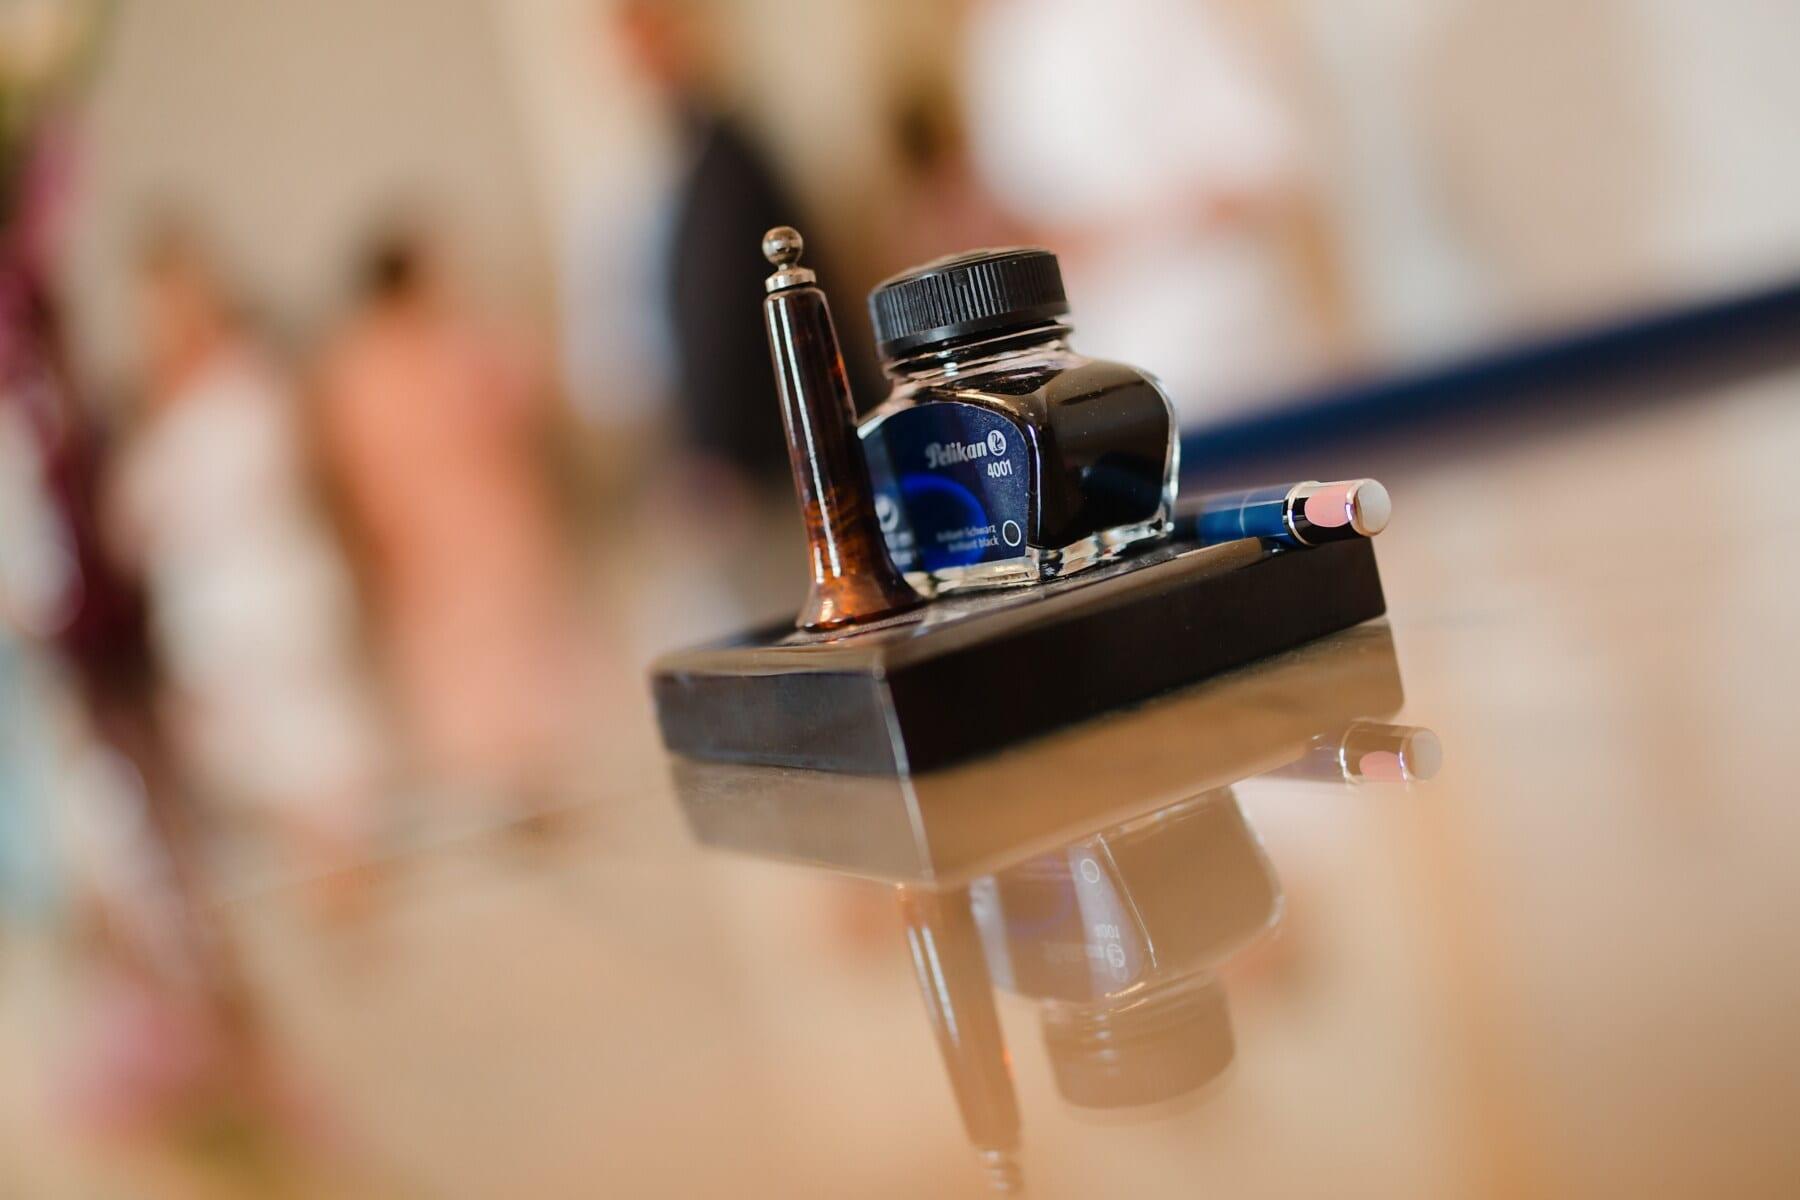 Blau, Tinte, Tabelle, Bleistift, Büro, Schreibtisch, drinnen, verwischen, Holz, elegant